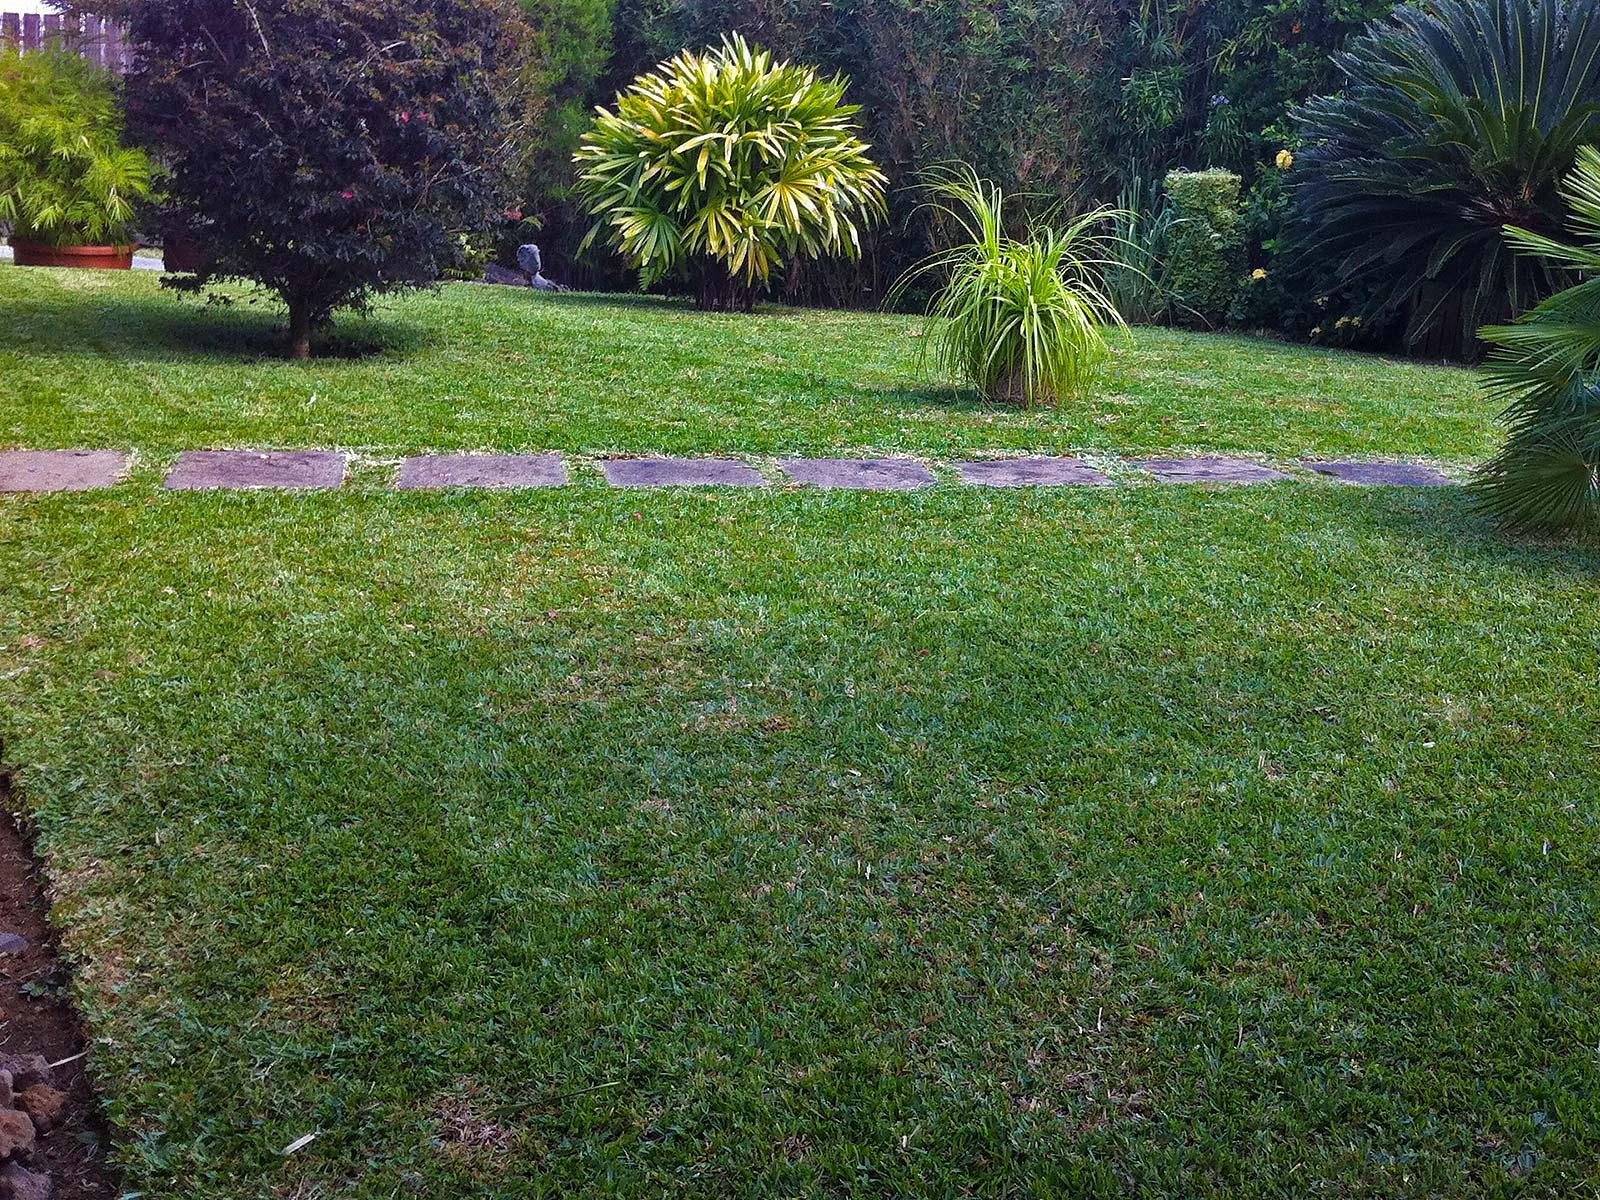 Entretien de jardin et espaces vert sur l 39 le de la r union for Entretien jardin ile de la reunion